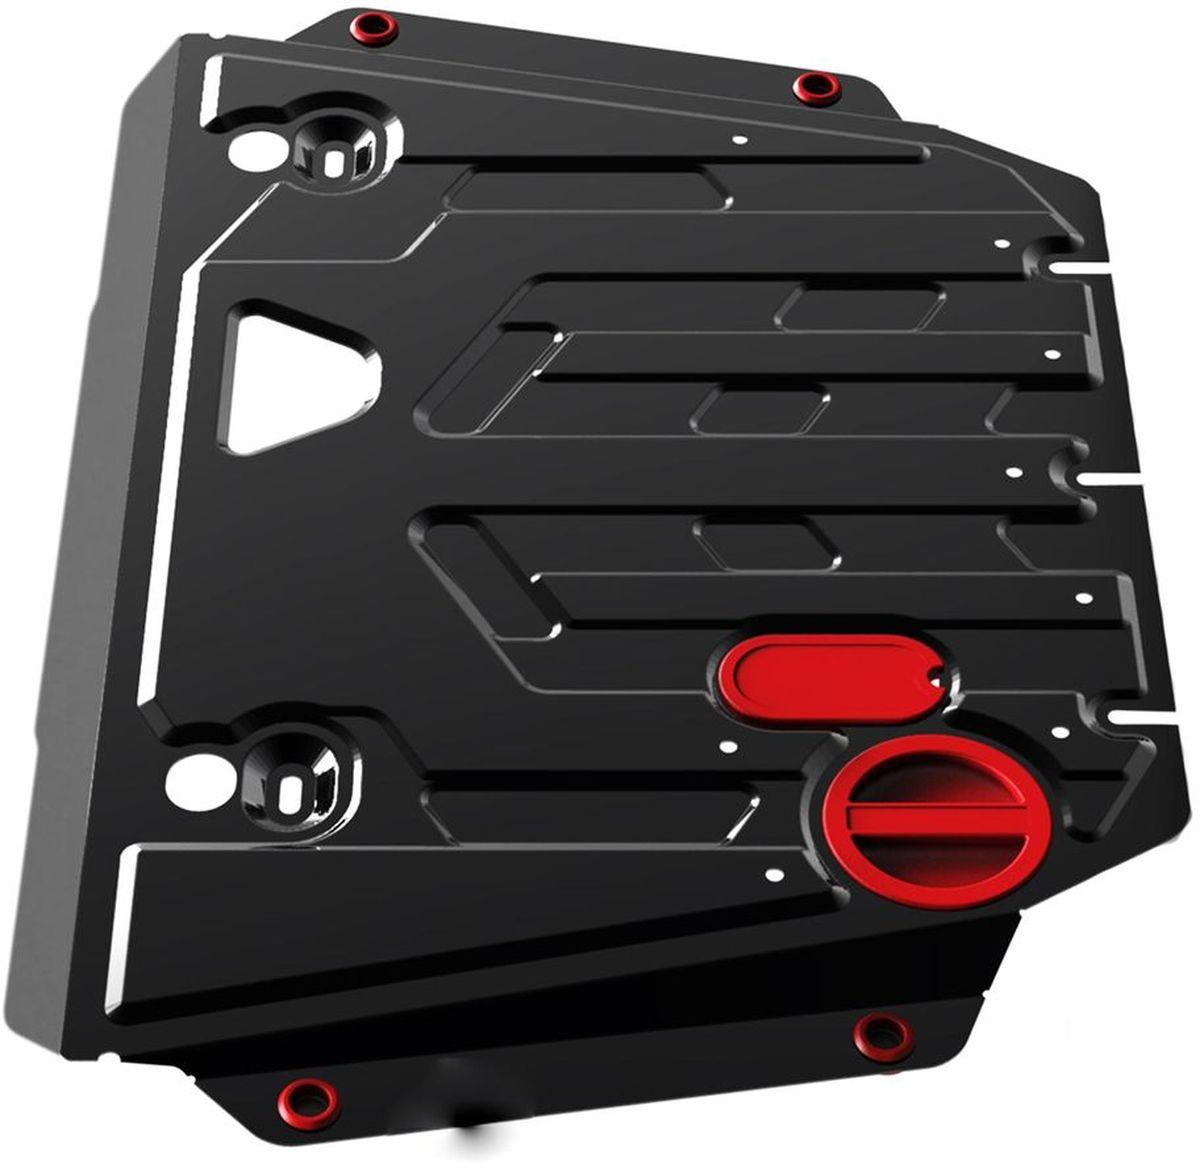 Защита картера и КПП Автоброня, для Ford MondeoV - 2,5Т(2007-)/ Ford S-MaxV - 2,5Т(2006-)CA-3505Технологически совершенный продукт за невысокую стоимость.Защита разработана с учетом особенностей днища автомобиля, что позволяет сохранить дорожный просвет с минимальным изменением.Защита устанавливается в штатные места кузова автомобиля. Глубокий штамп обеспечивает до двух раз больше жесткости в сравнении с обычной защитой той же толщины. Проштампованные ребра жесткости препятствуют деформации защиты при ударах.Тепловой зазор и вентиляционные отверстия обеспечивают сохранение температурного режима двигателя в норме. Скрытый крепеж предотвращает срыв крепежных элементов при наезде на препятствие.Шумопоглощающие резиновые элементы обеспечивают комфортную езду без вибраций и скрежета металла, а съемные лючки для слива масла и замены фильтра - экономию средств и время.Конструкция изделия не влияет на пассивную безопасность автомобиля (при ударе защита не воздействует на деформационные зоны кузова). Со штатным крепежом. В комплекте инструкция по установке.Толщина стали: 2 мм.Уважаемые клиенты!Обращаем ваше внимание, что элемент защиты имеет форму, соответствующую модели данного автомобиля. Фото служит для визуального восприятия товара и может отличаться от фактического.